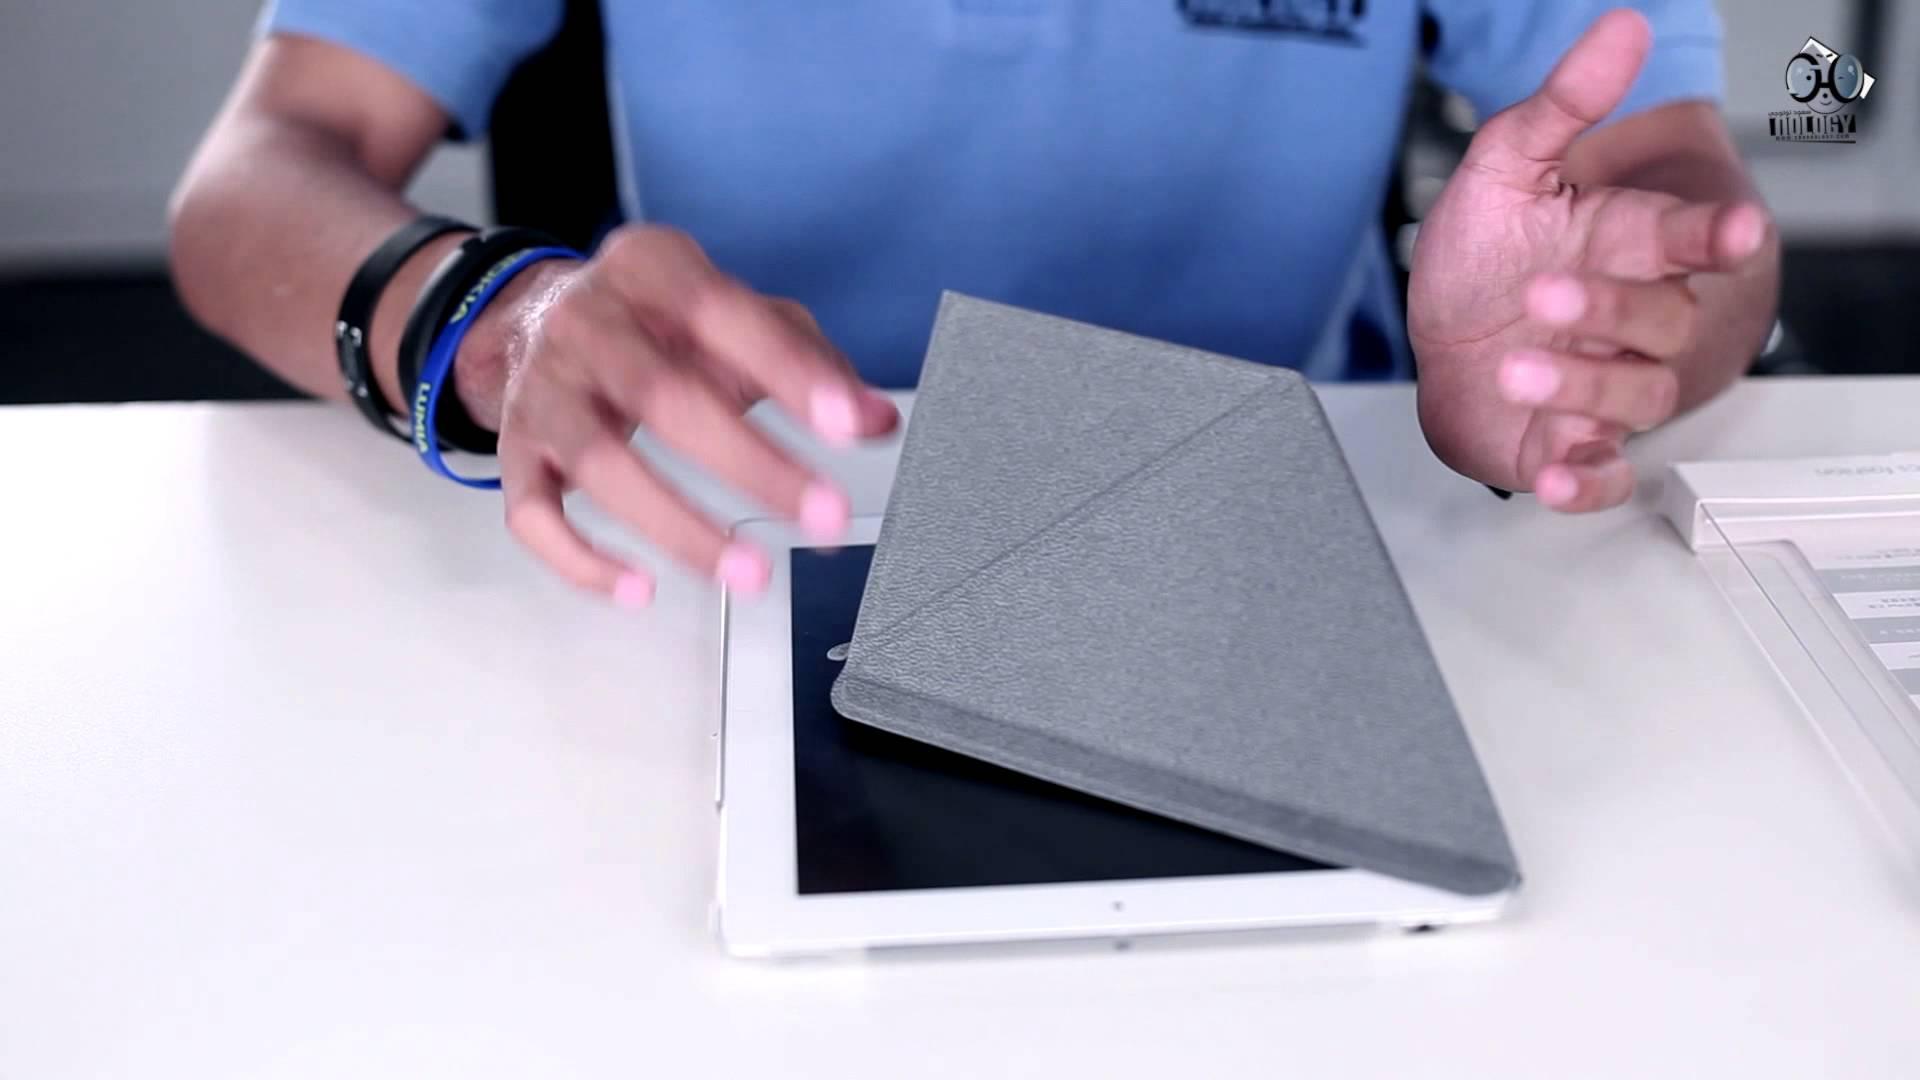 أفضل غطاء للـ iPad